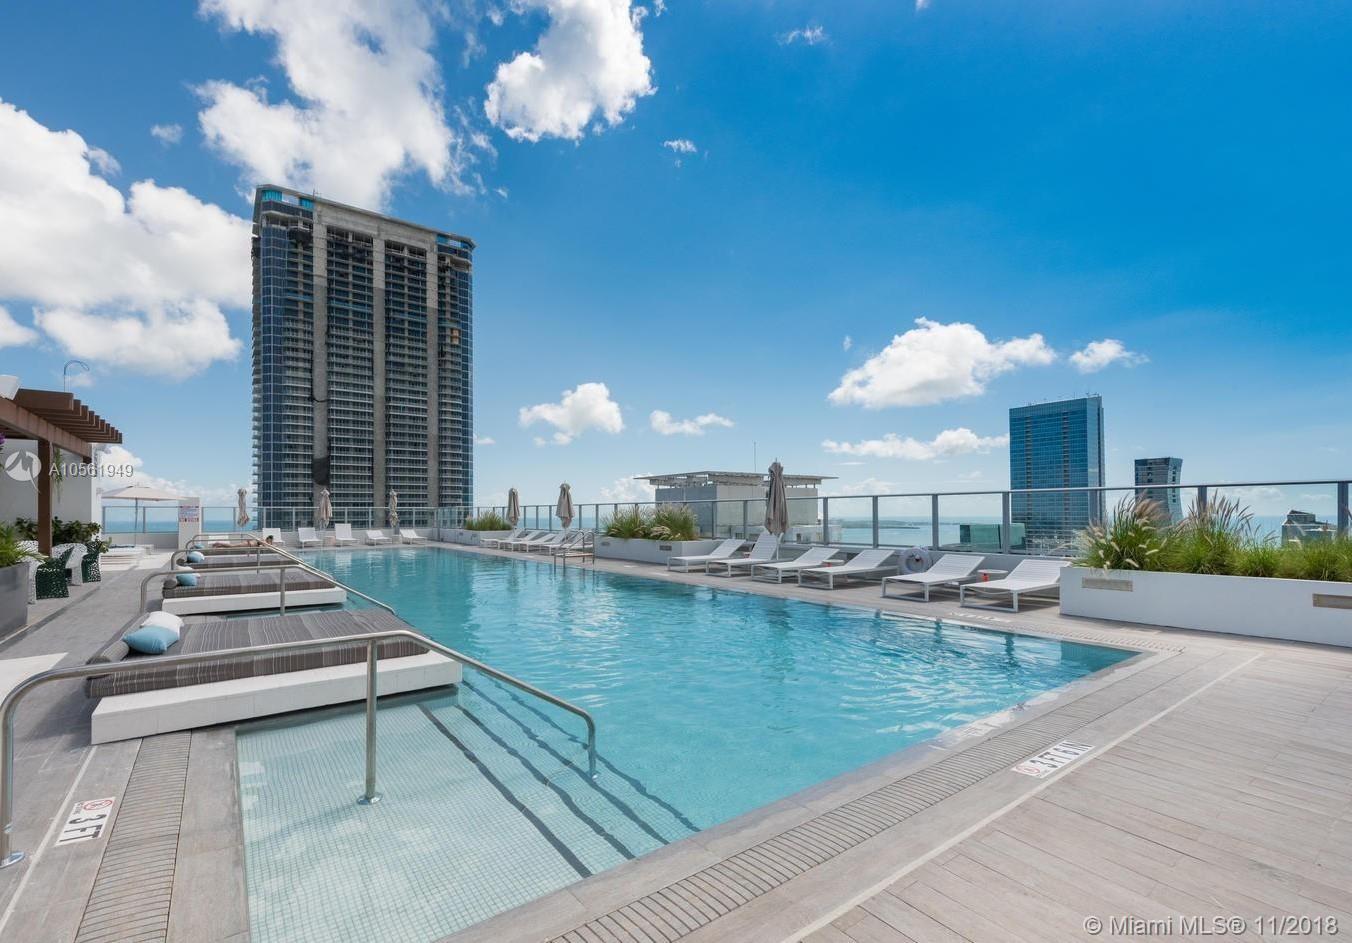 1010 Brickell Avenue, Miami, FL 33131, 1010 Brickell #3909, Brickell, Miami A10561949 image #21